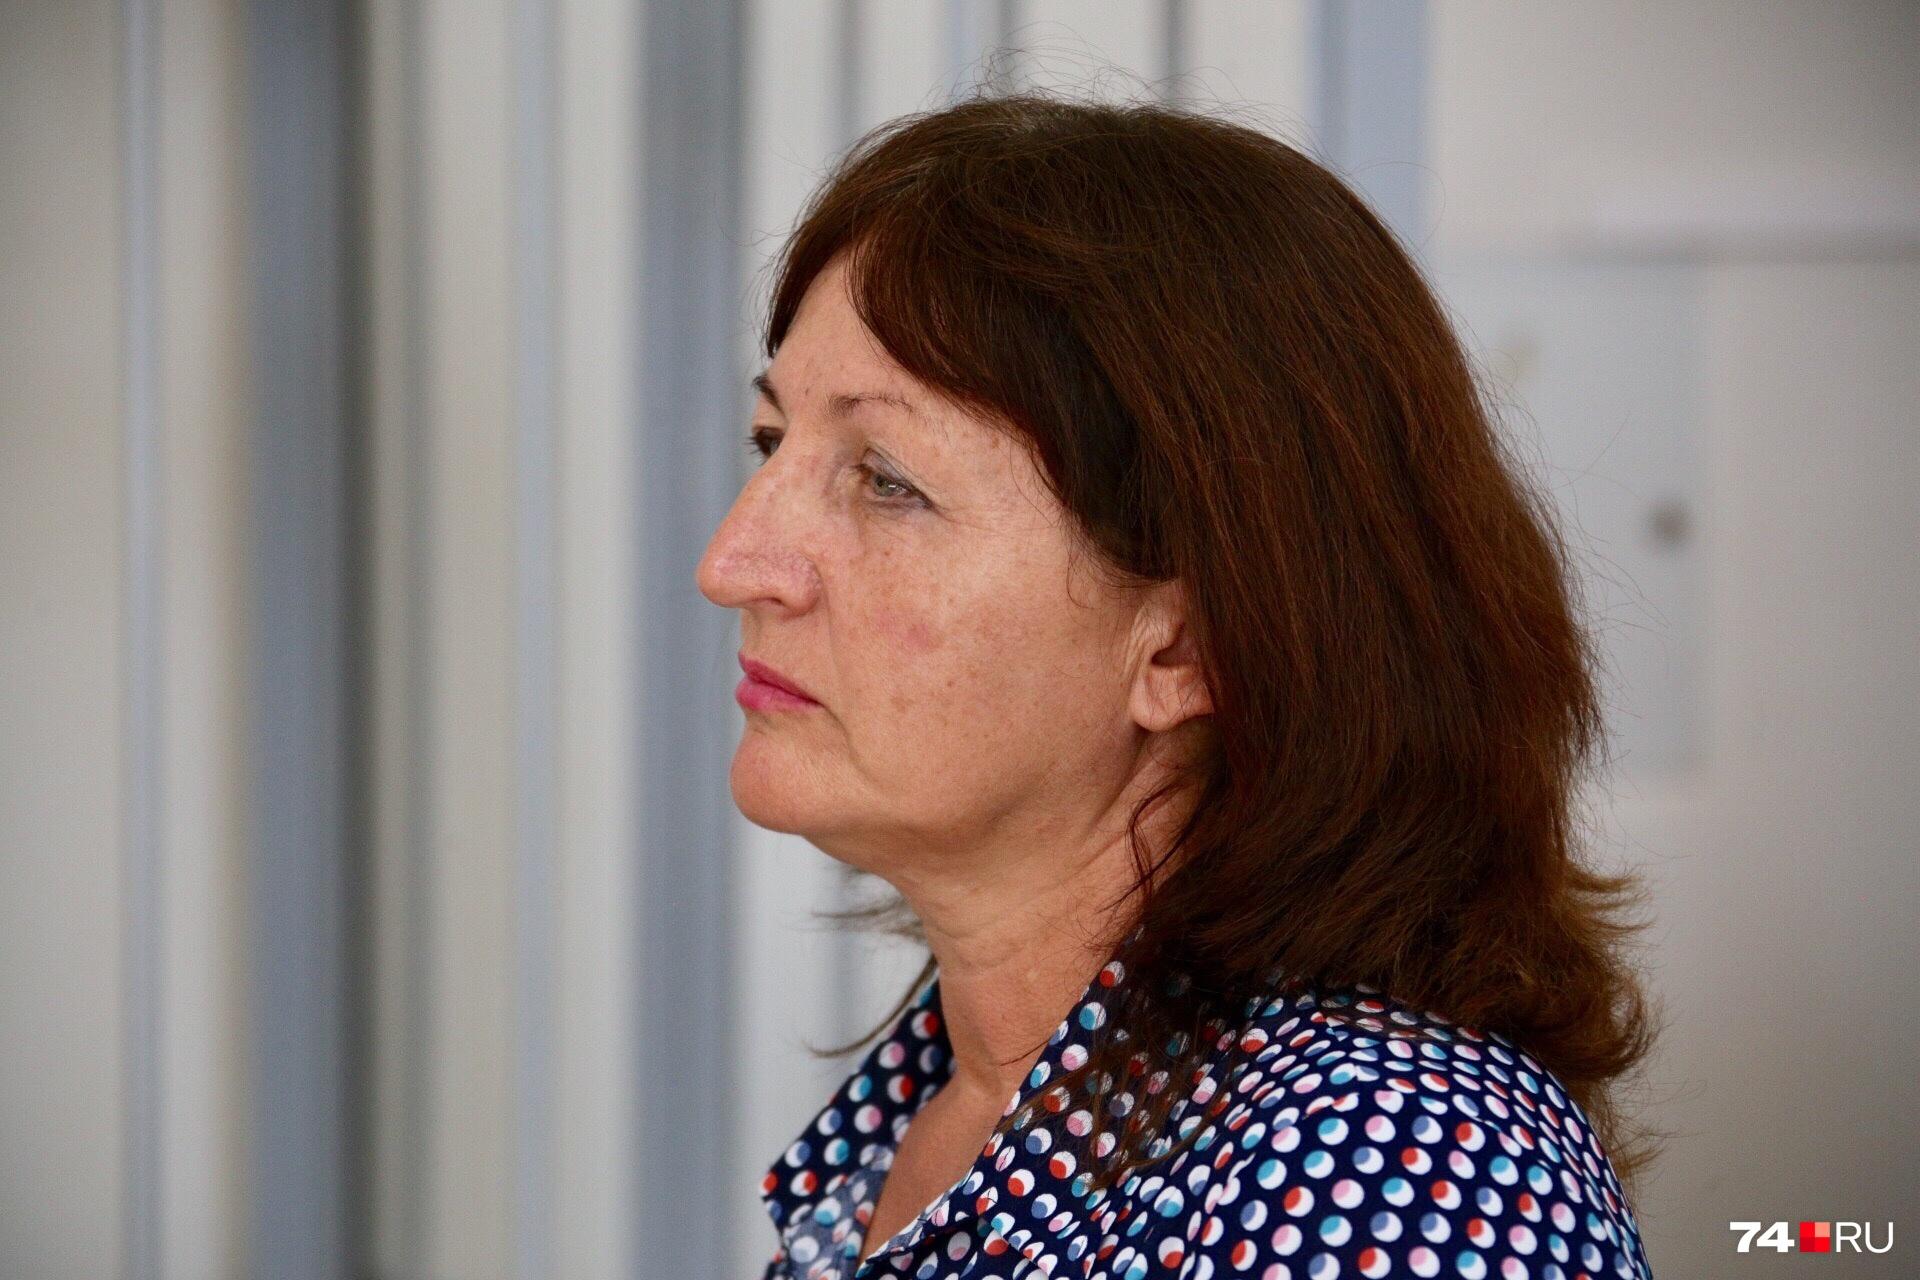 В суде в качестве потерпевший опросили мать Елены Зариповой. Она сказала, чтопретензий кзятю неимеет и против более мягкой меры пресечения для него невозражает